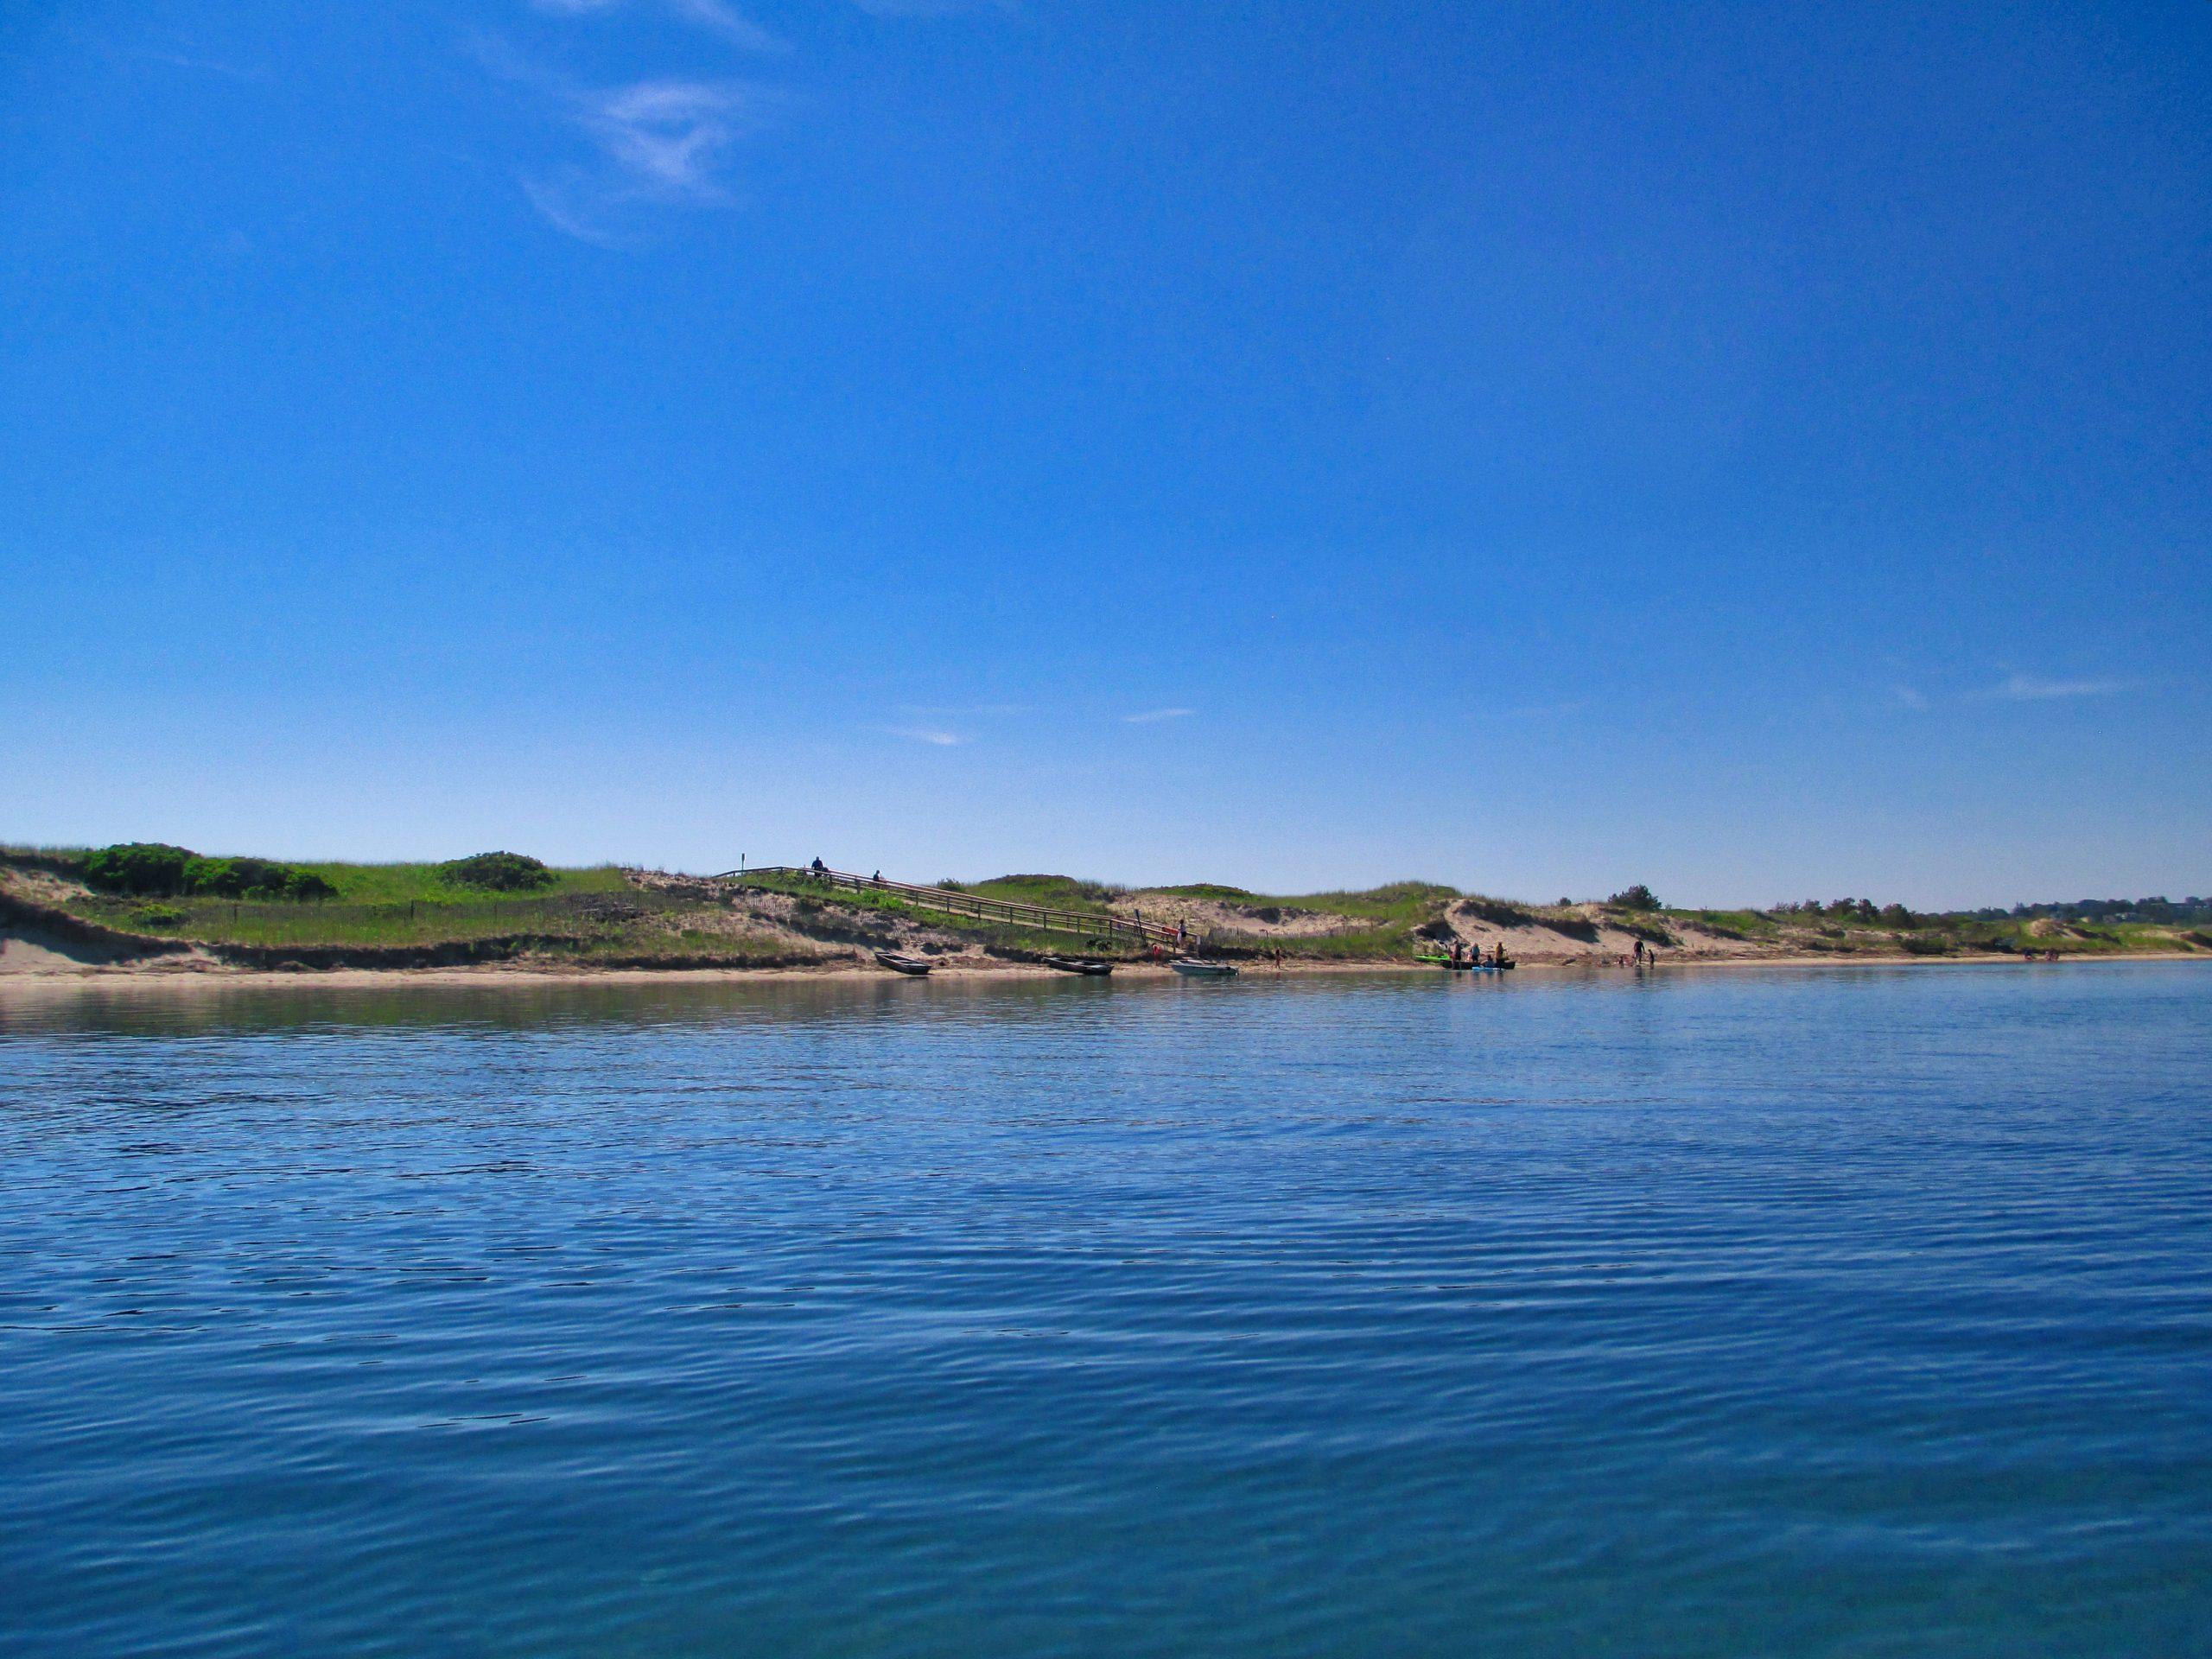 Kayaking-Ogunquit-River